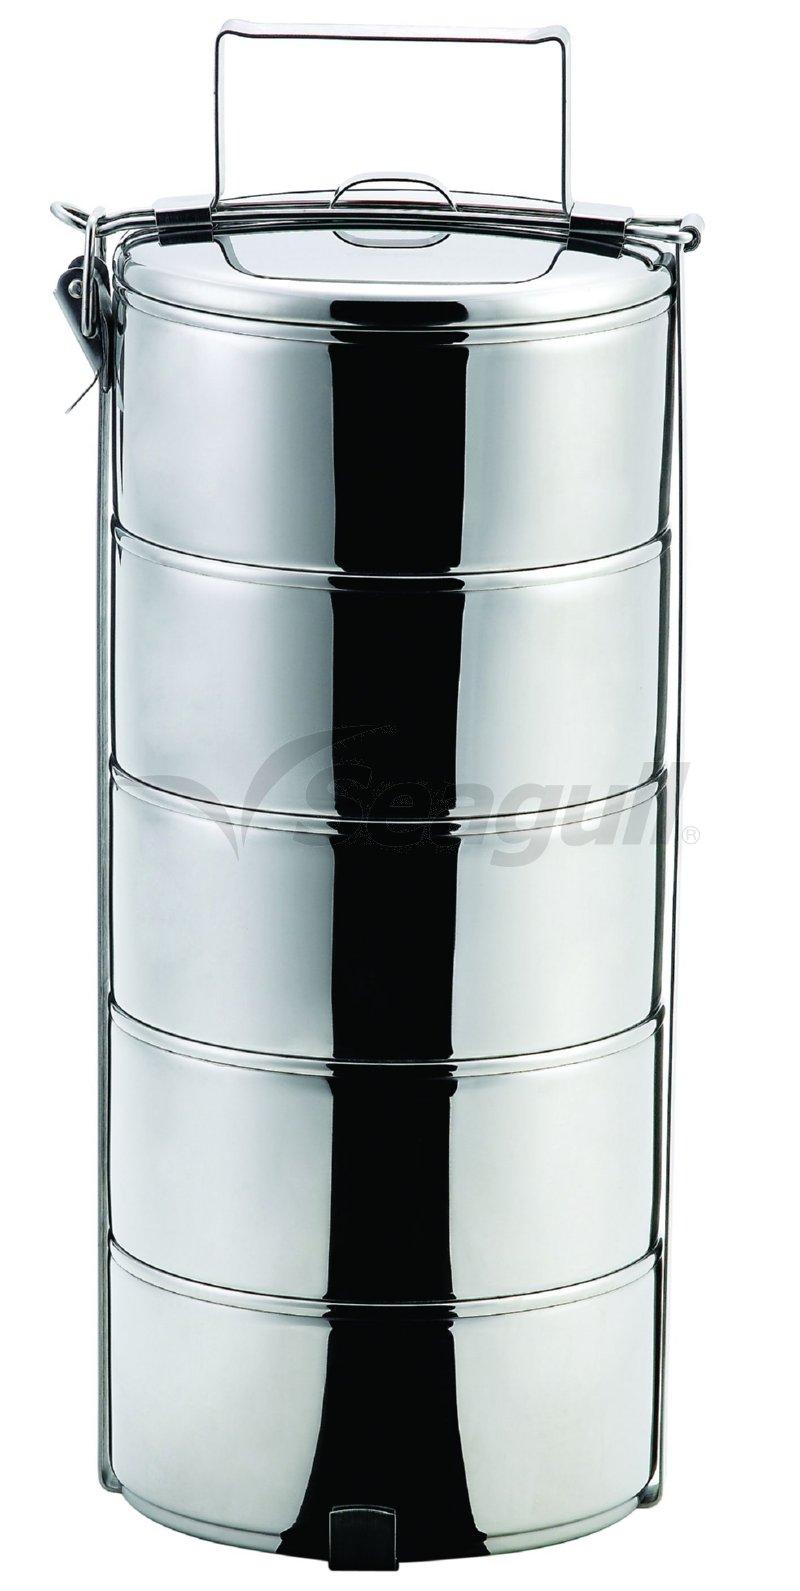 100350145 ปิ่นโตสเตนเลส 14 ซม. 5 ชั้น ตราซีกัล (นกนางนวล)